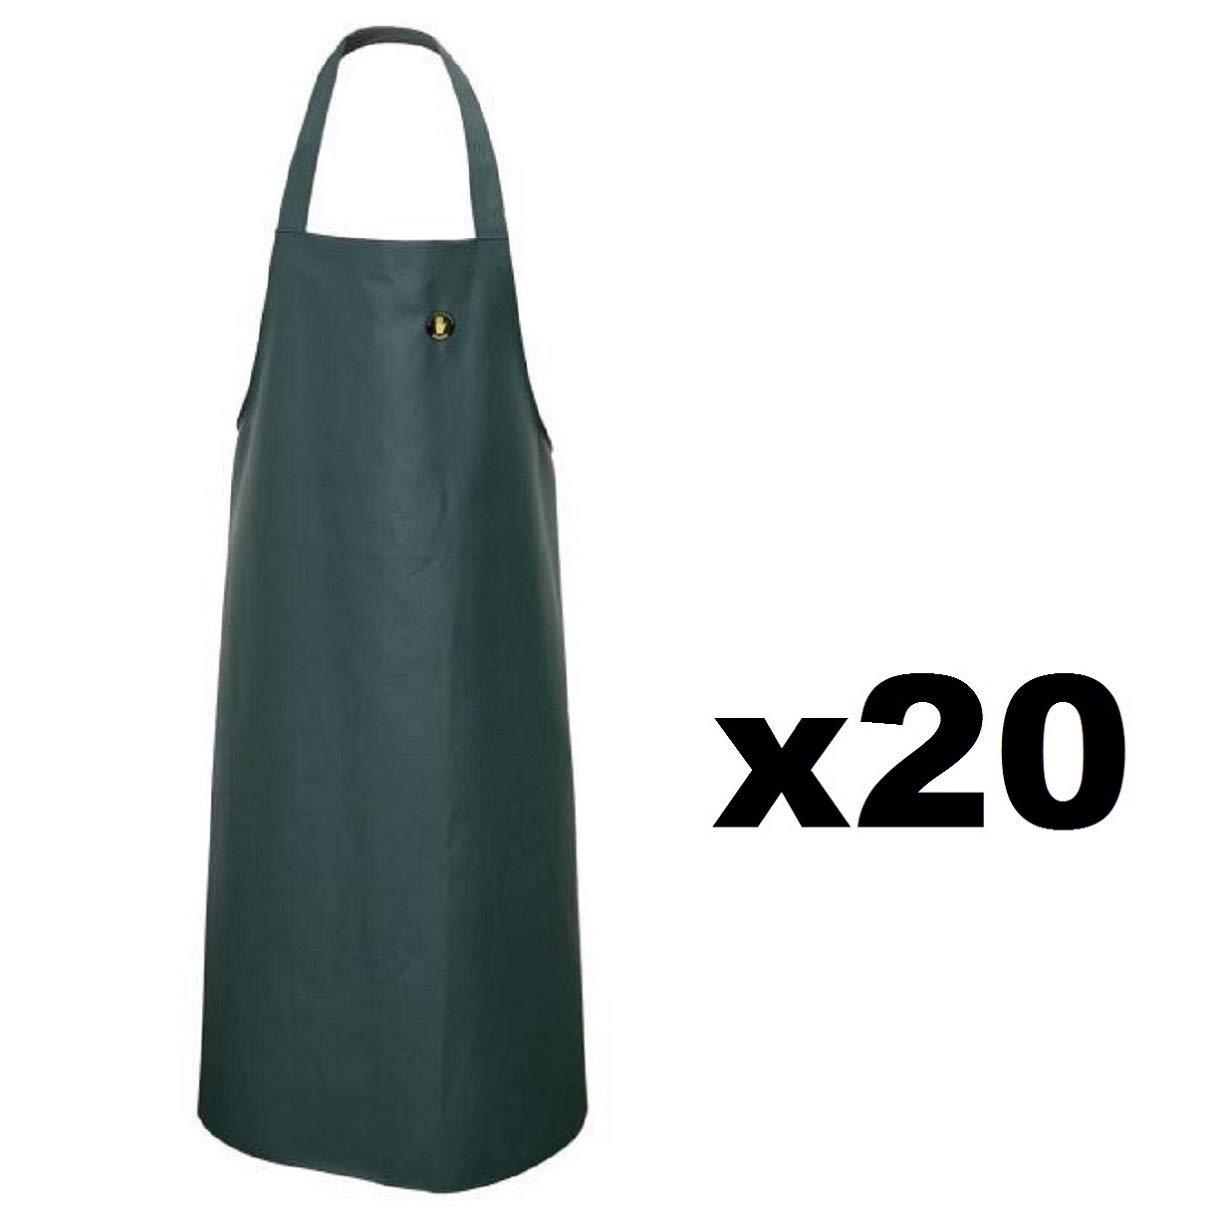 AJ-FWOIL10 Arbeitsschürze Gummischürze Schutzschürze Melkschürze Waschschürze